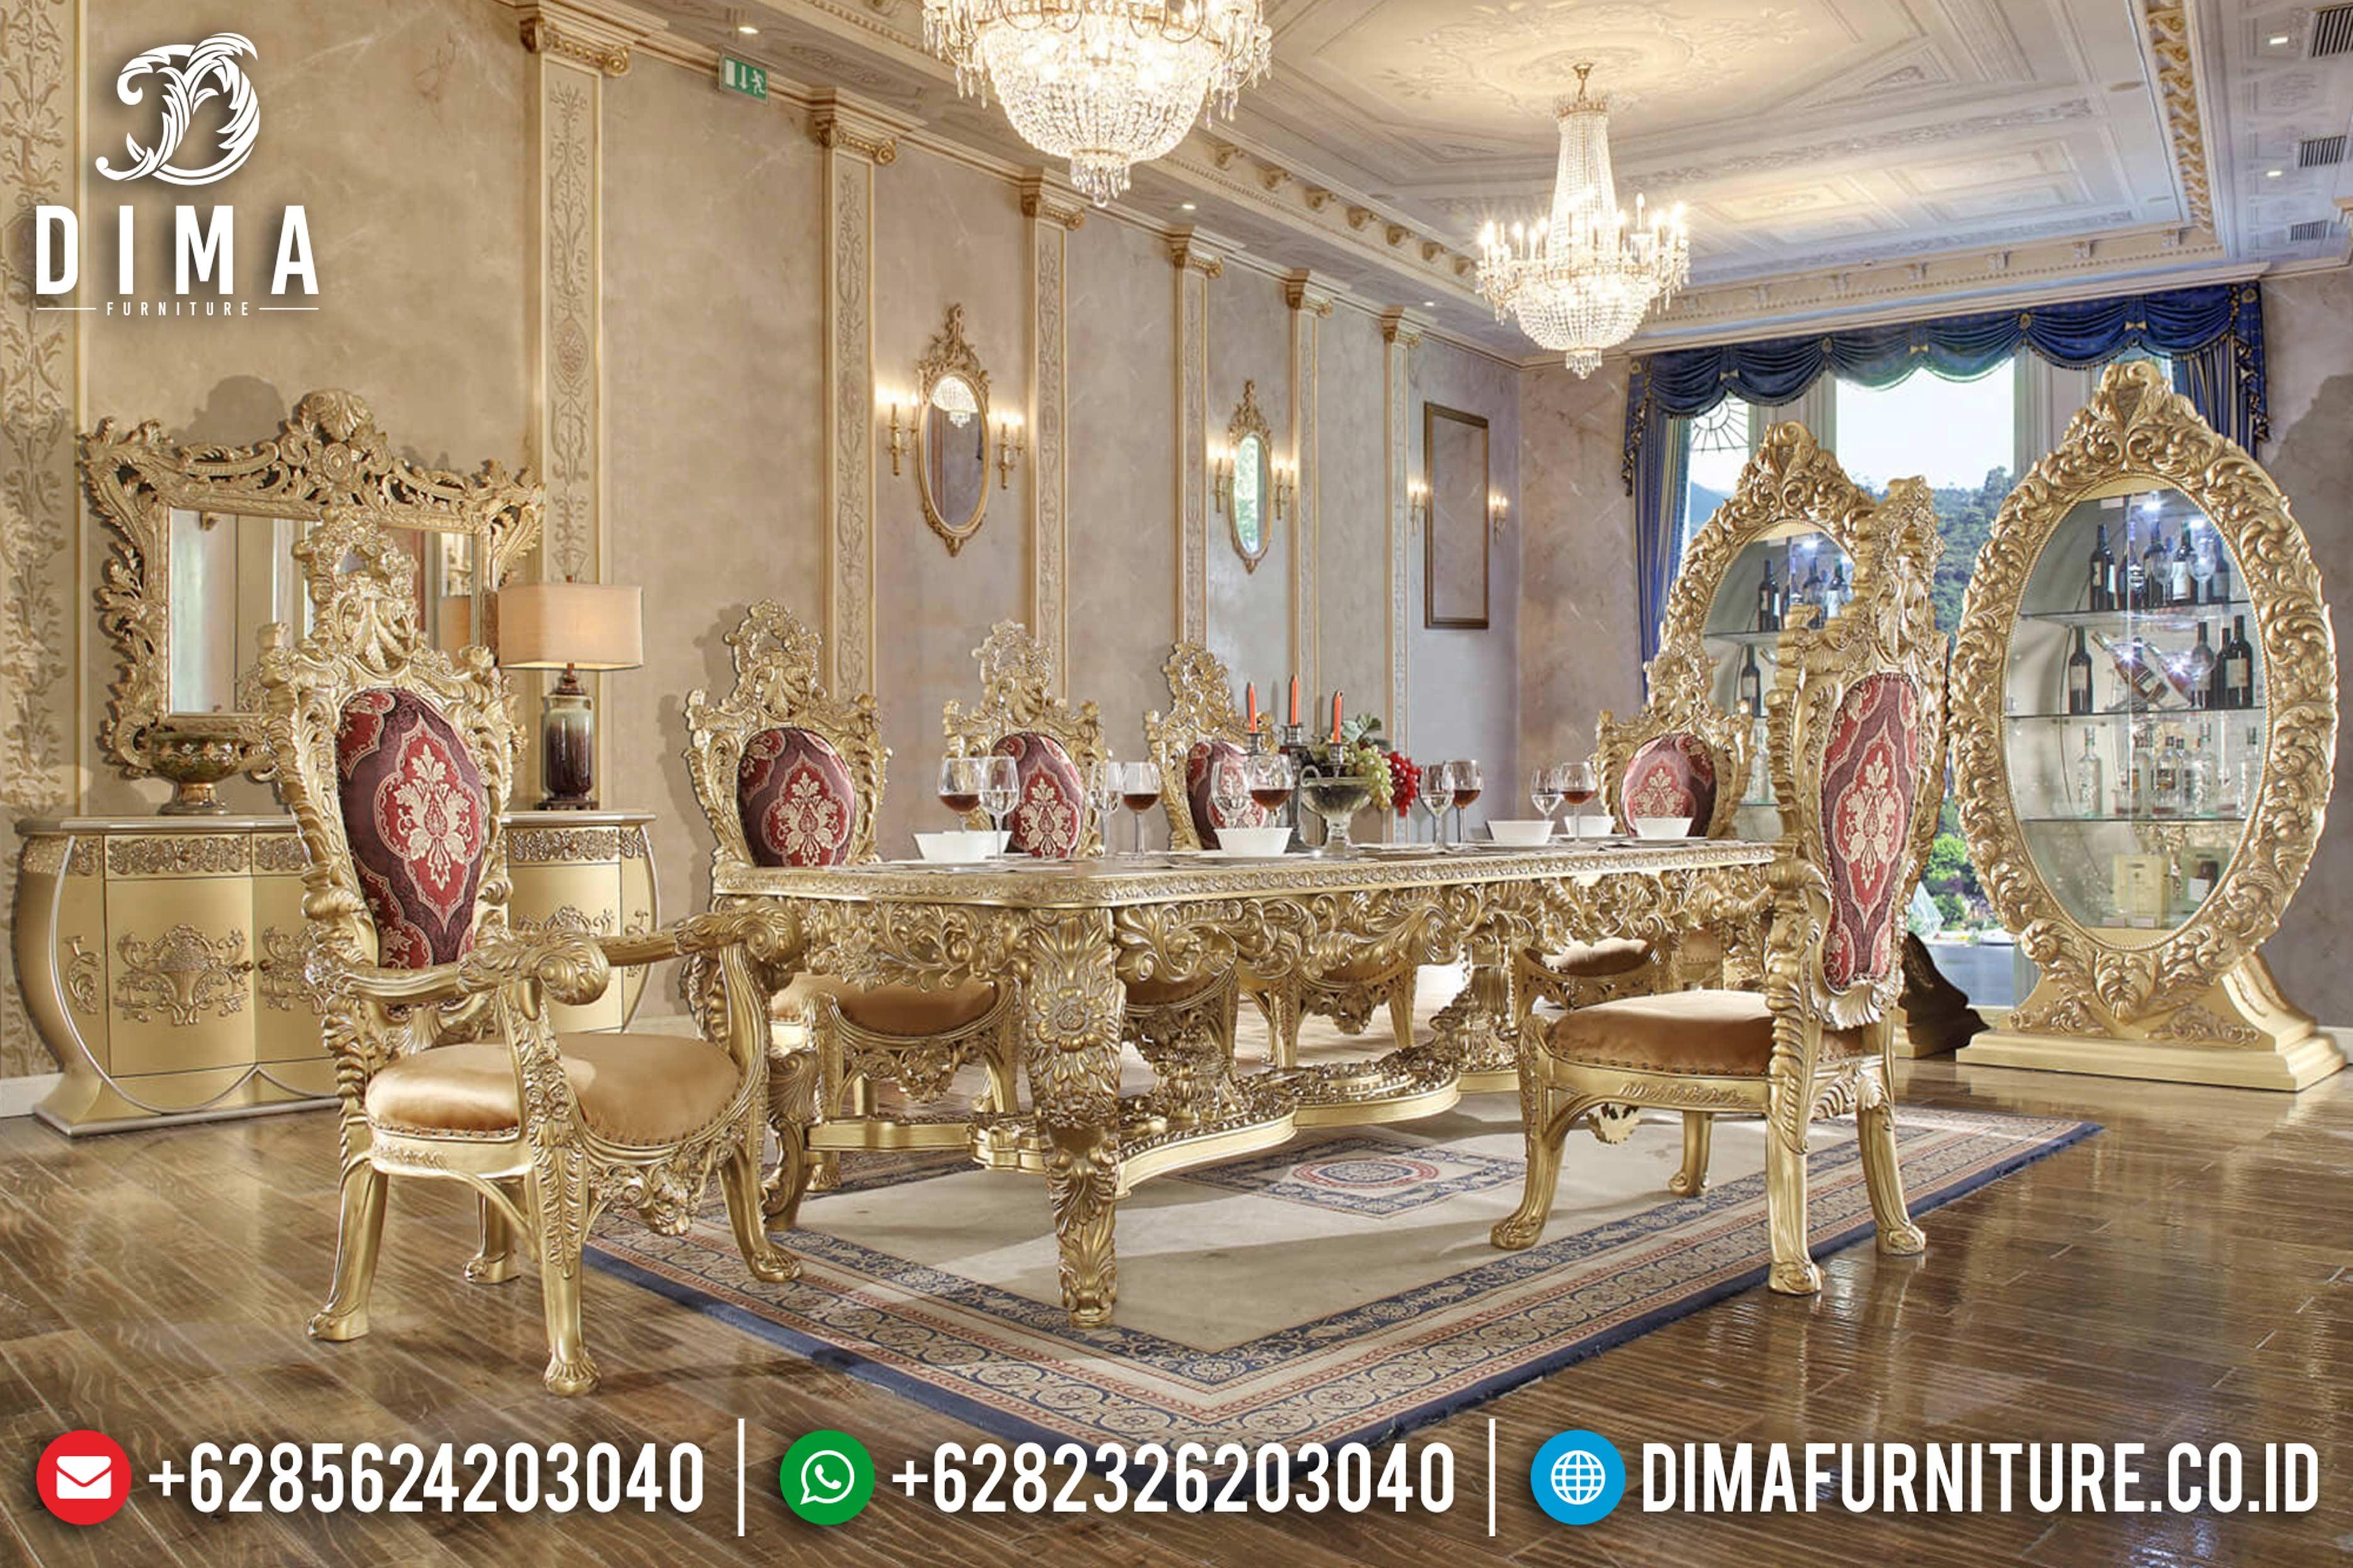 Meja Makan Mewah Klasik, Meja Makan Jepara Terbaru, Ruang Makan Mewah DF-0808